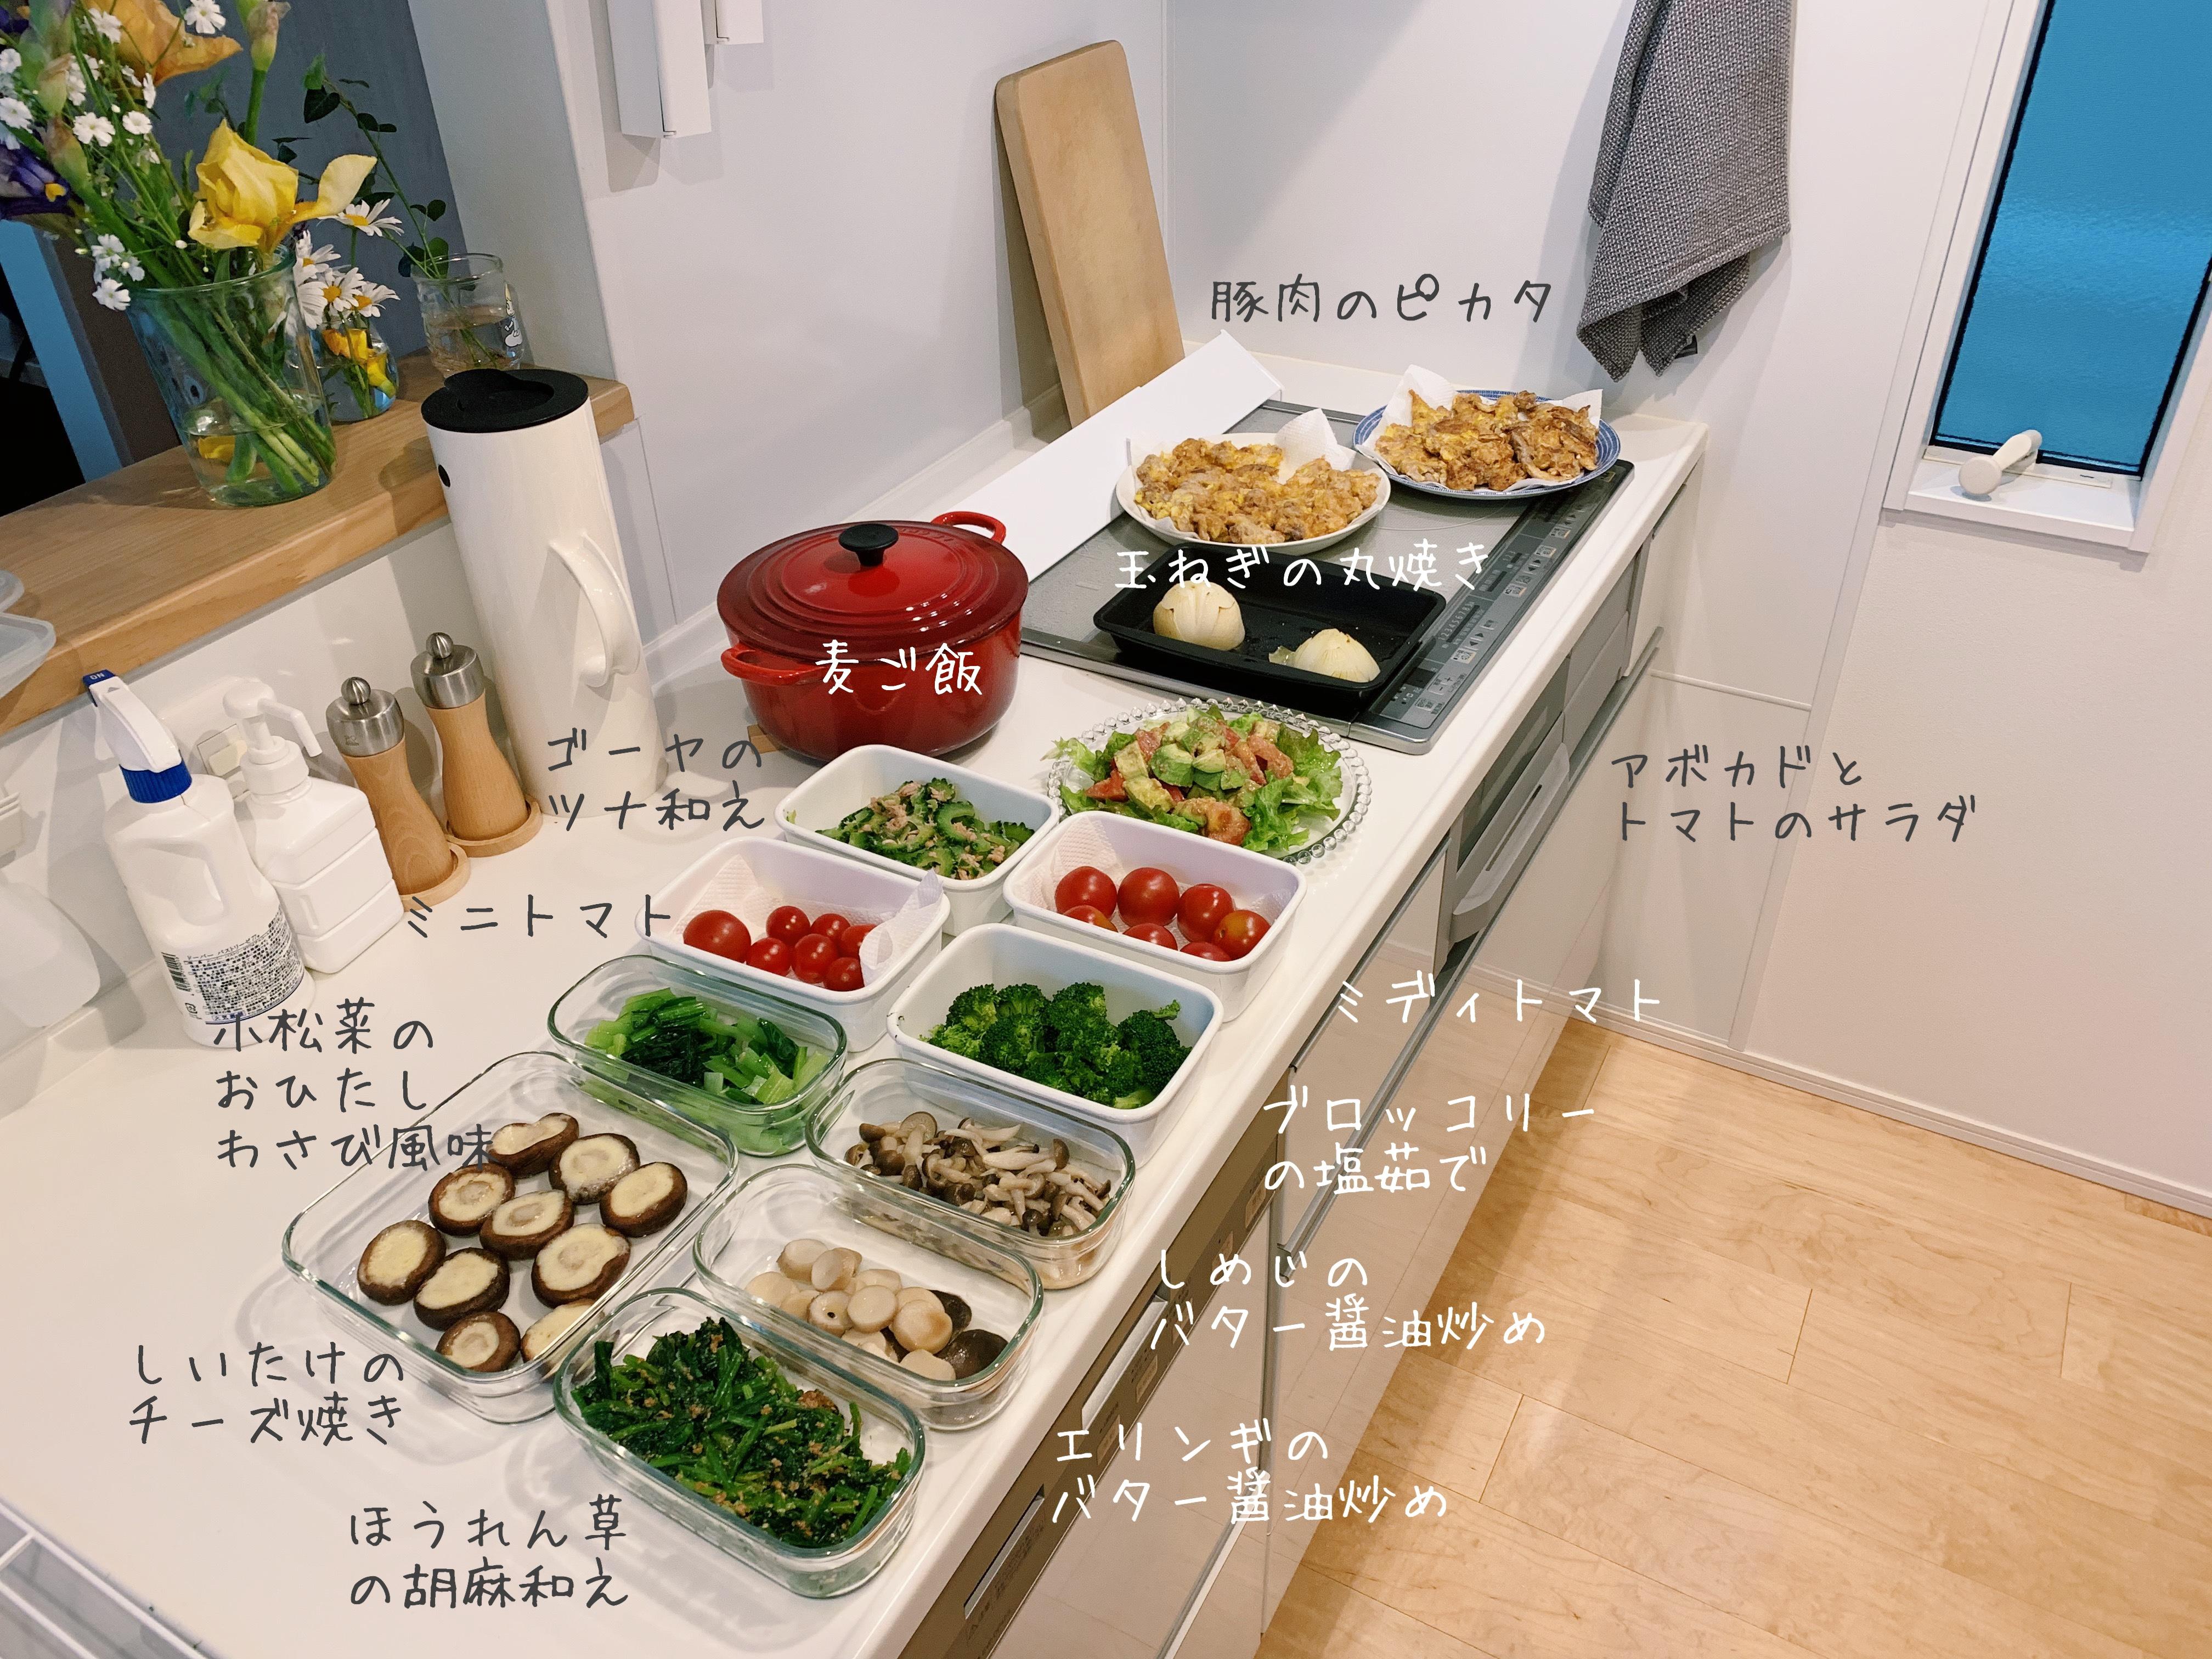 【作りおき】平日をのりきるための作りおきと、常備食材